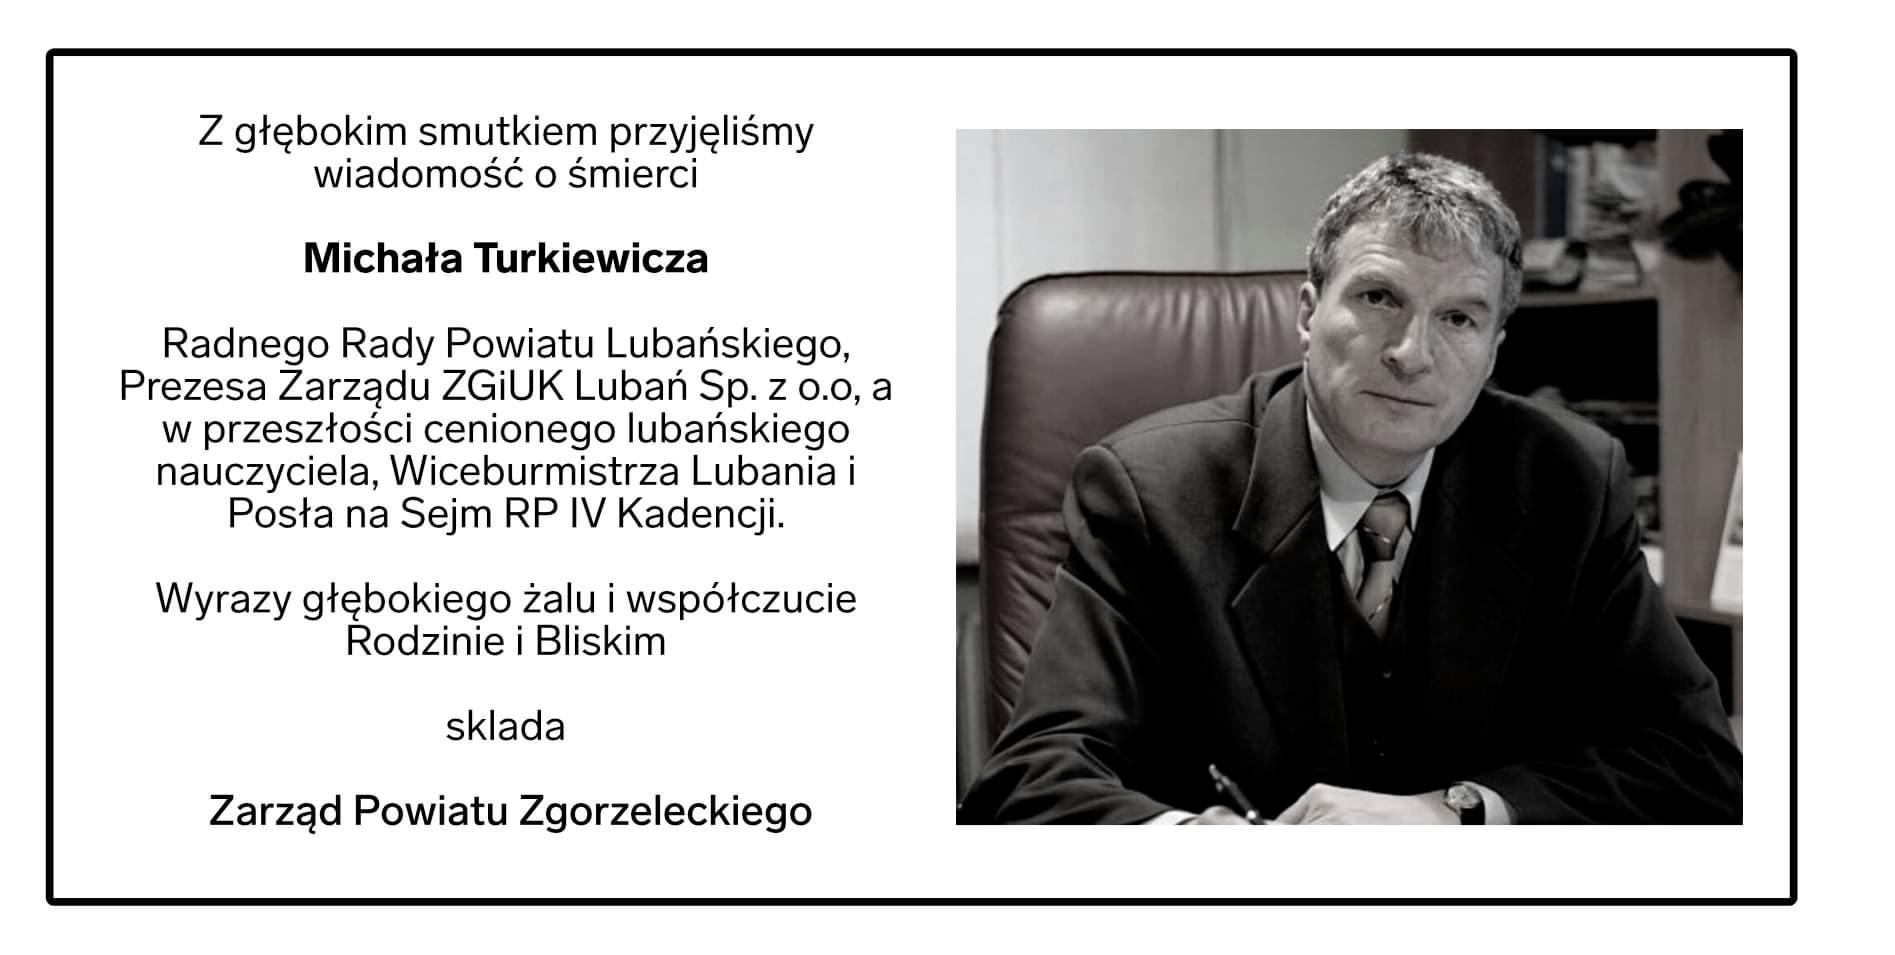 Nie żyje Michał Turkiewicz